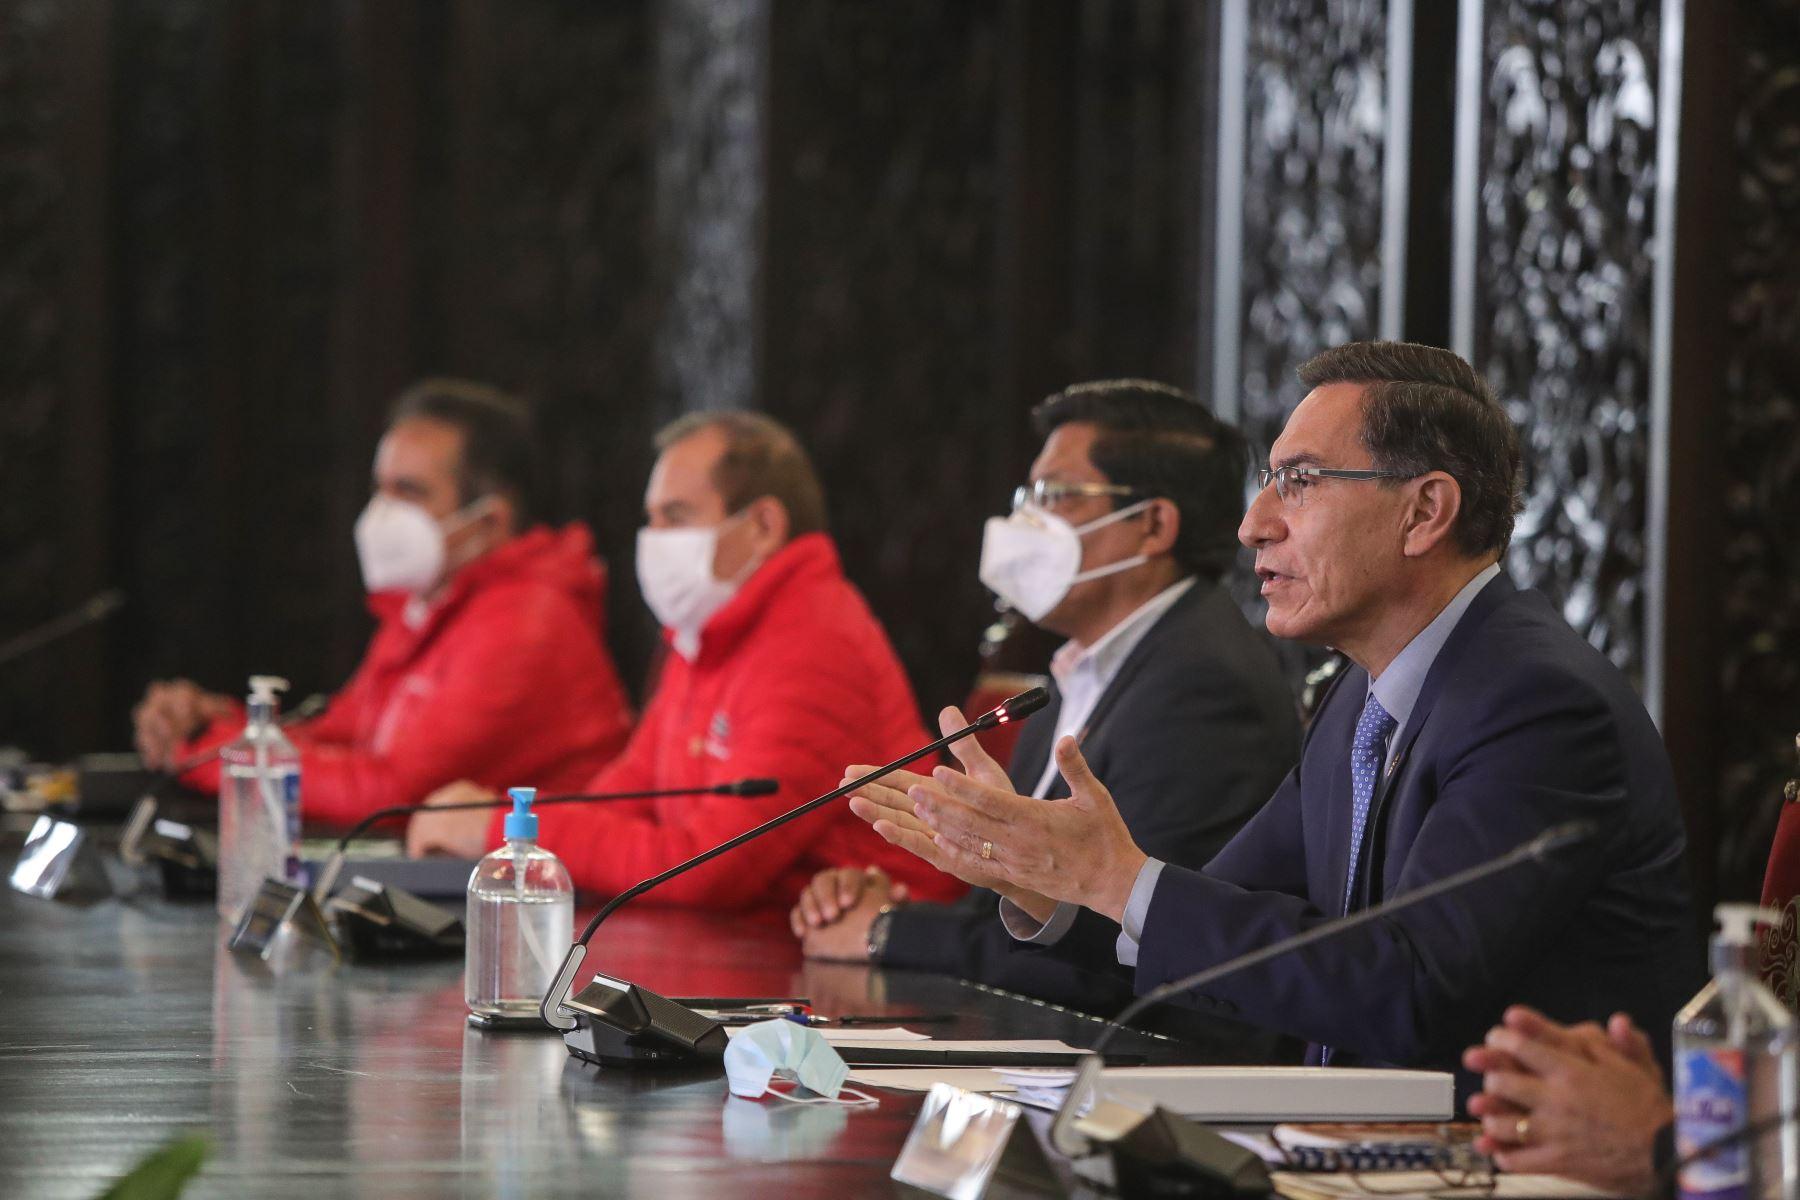 El jefe de Estado, acompañado de los miembros del Gabinete, brinda un pronunciamiento a nivel nacional. Foto: ANDINA/Prensa Presidencia